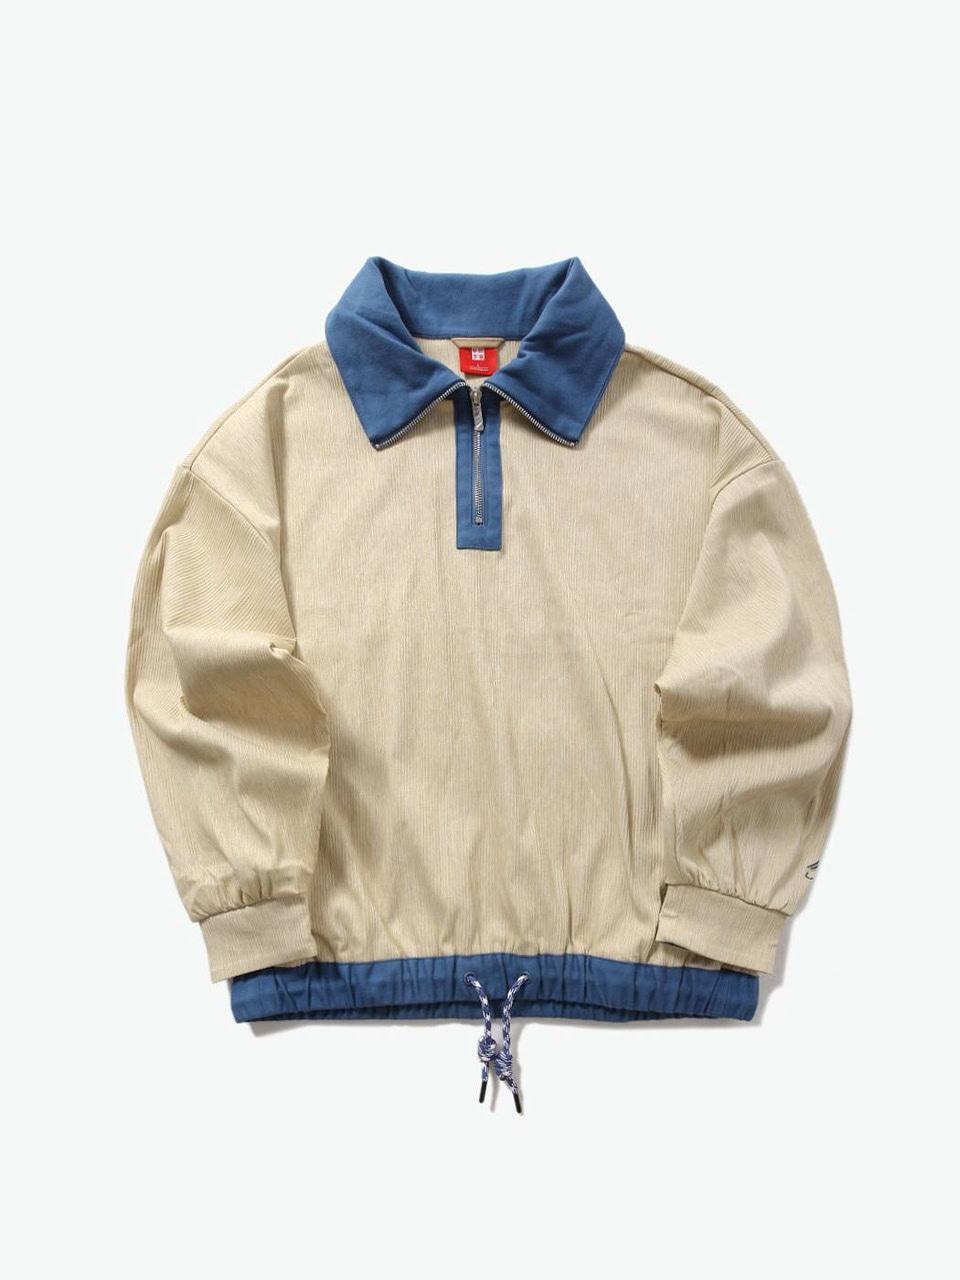 中国李宁 纽约时装周长袖套头衫